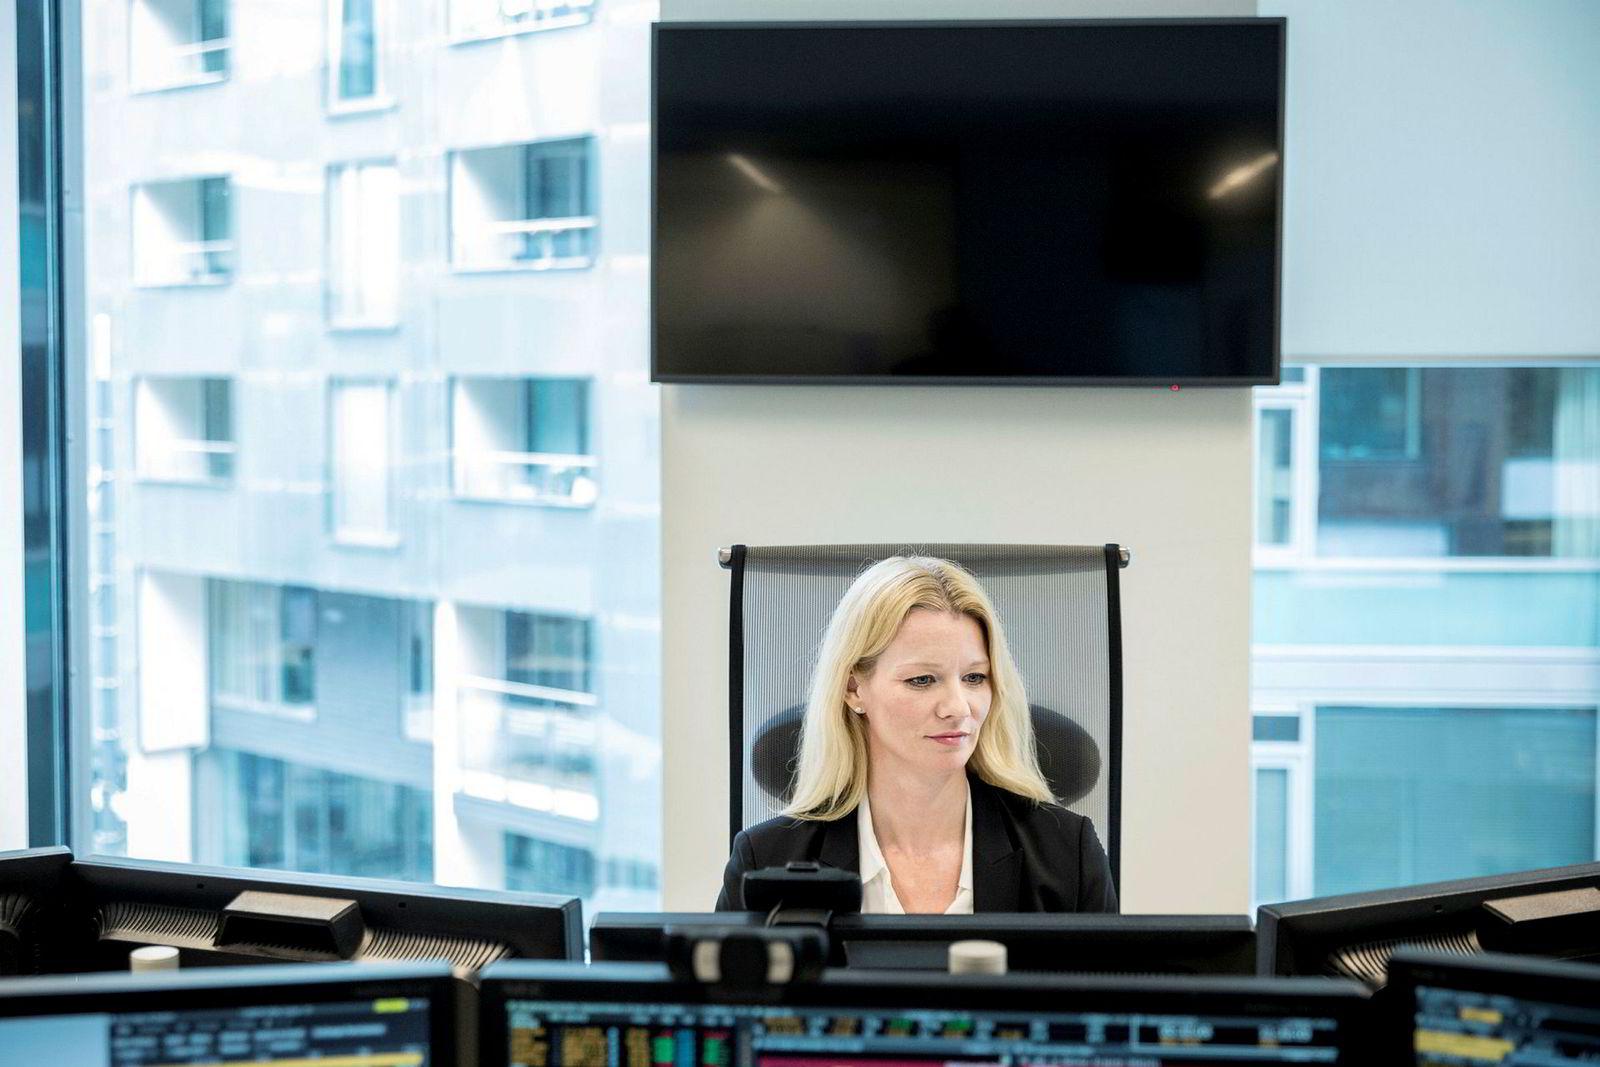 Sjeføkonom Kari Due-Andresen ser ingen grunn til å endre prognosene for boligmarkedet, men understreker det er stor usikkerhet knyttet til koronaviruset.